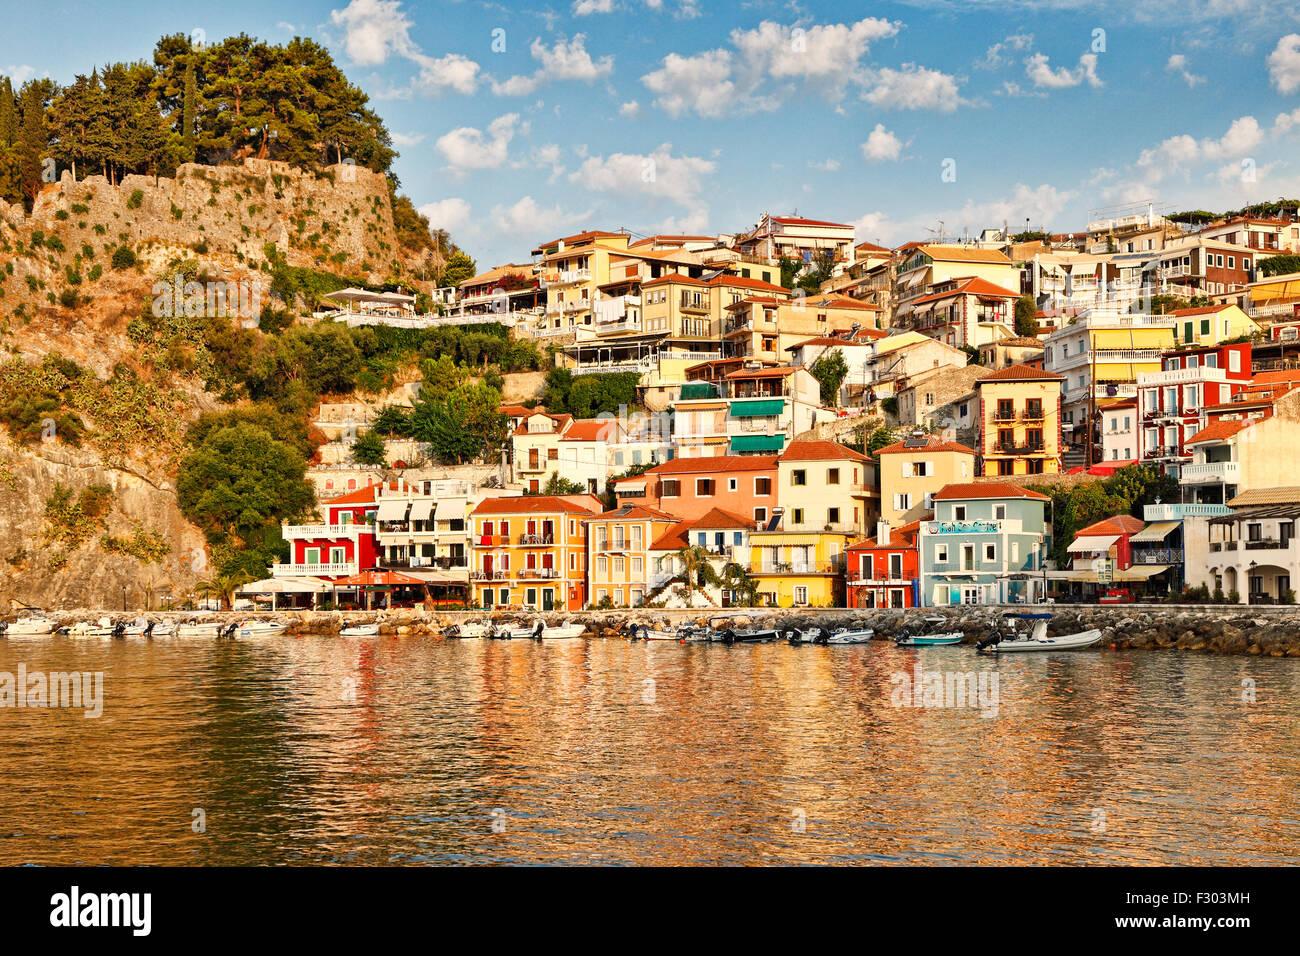 Les maisons colorées de Parga, Grèce Photo Stock